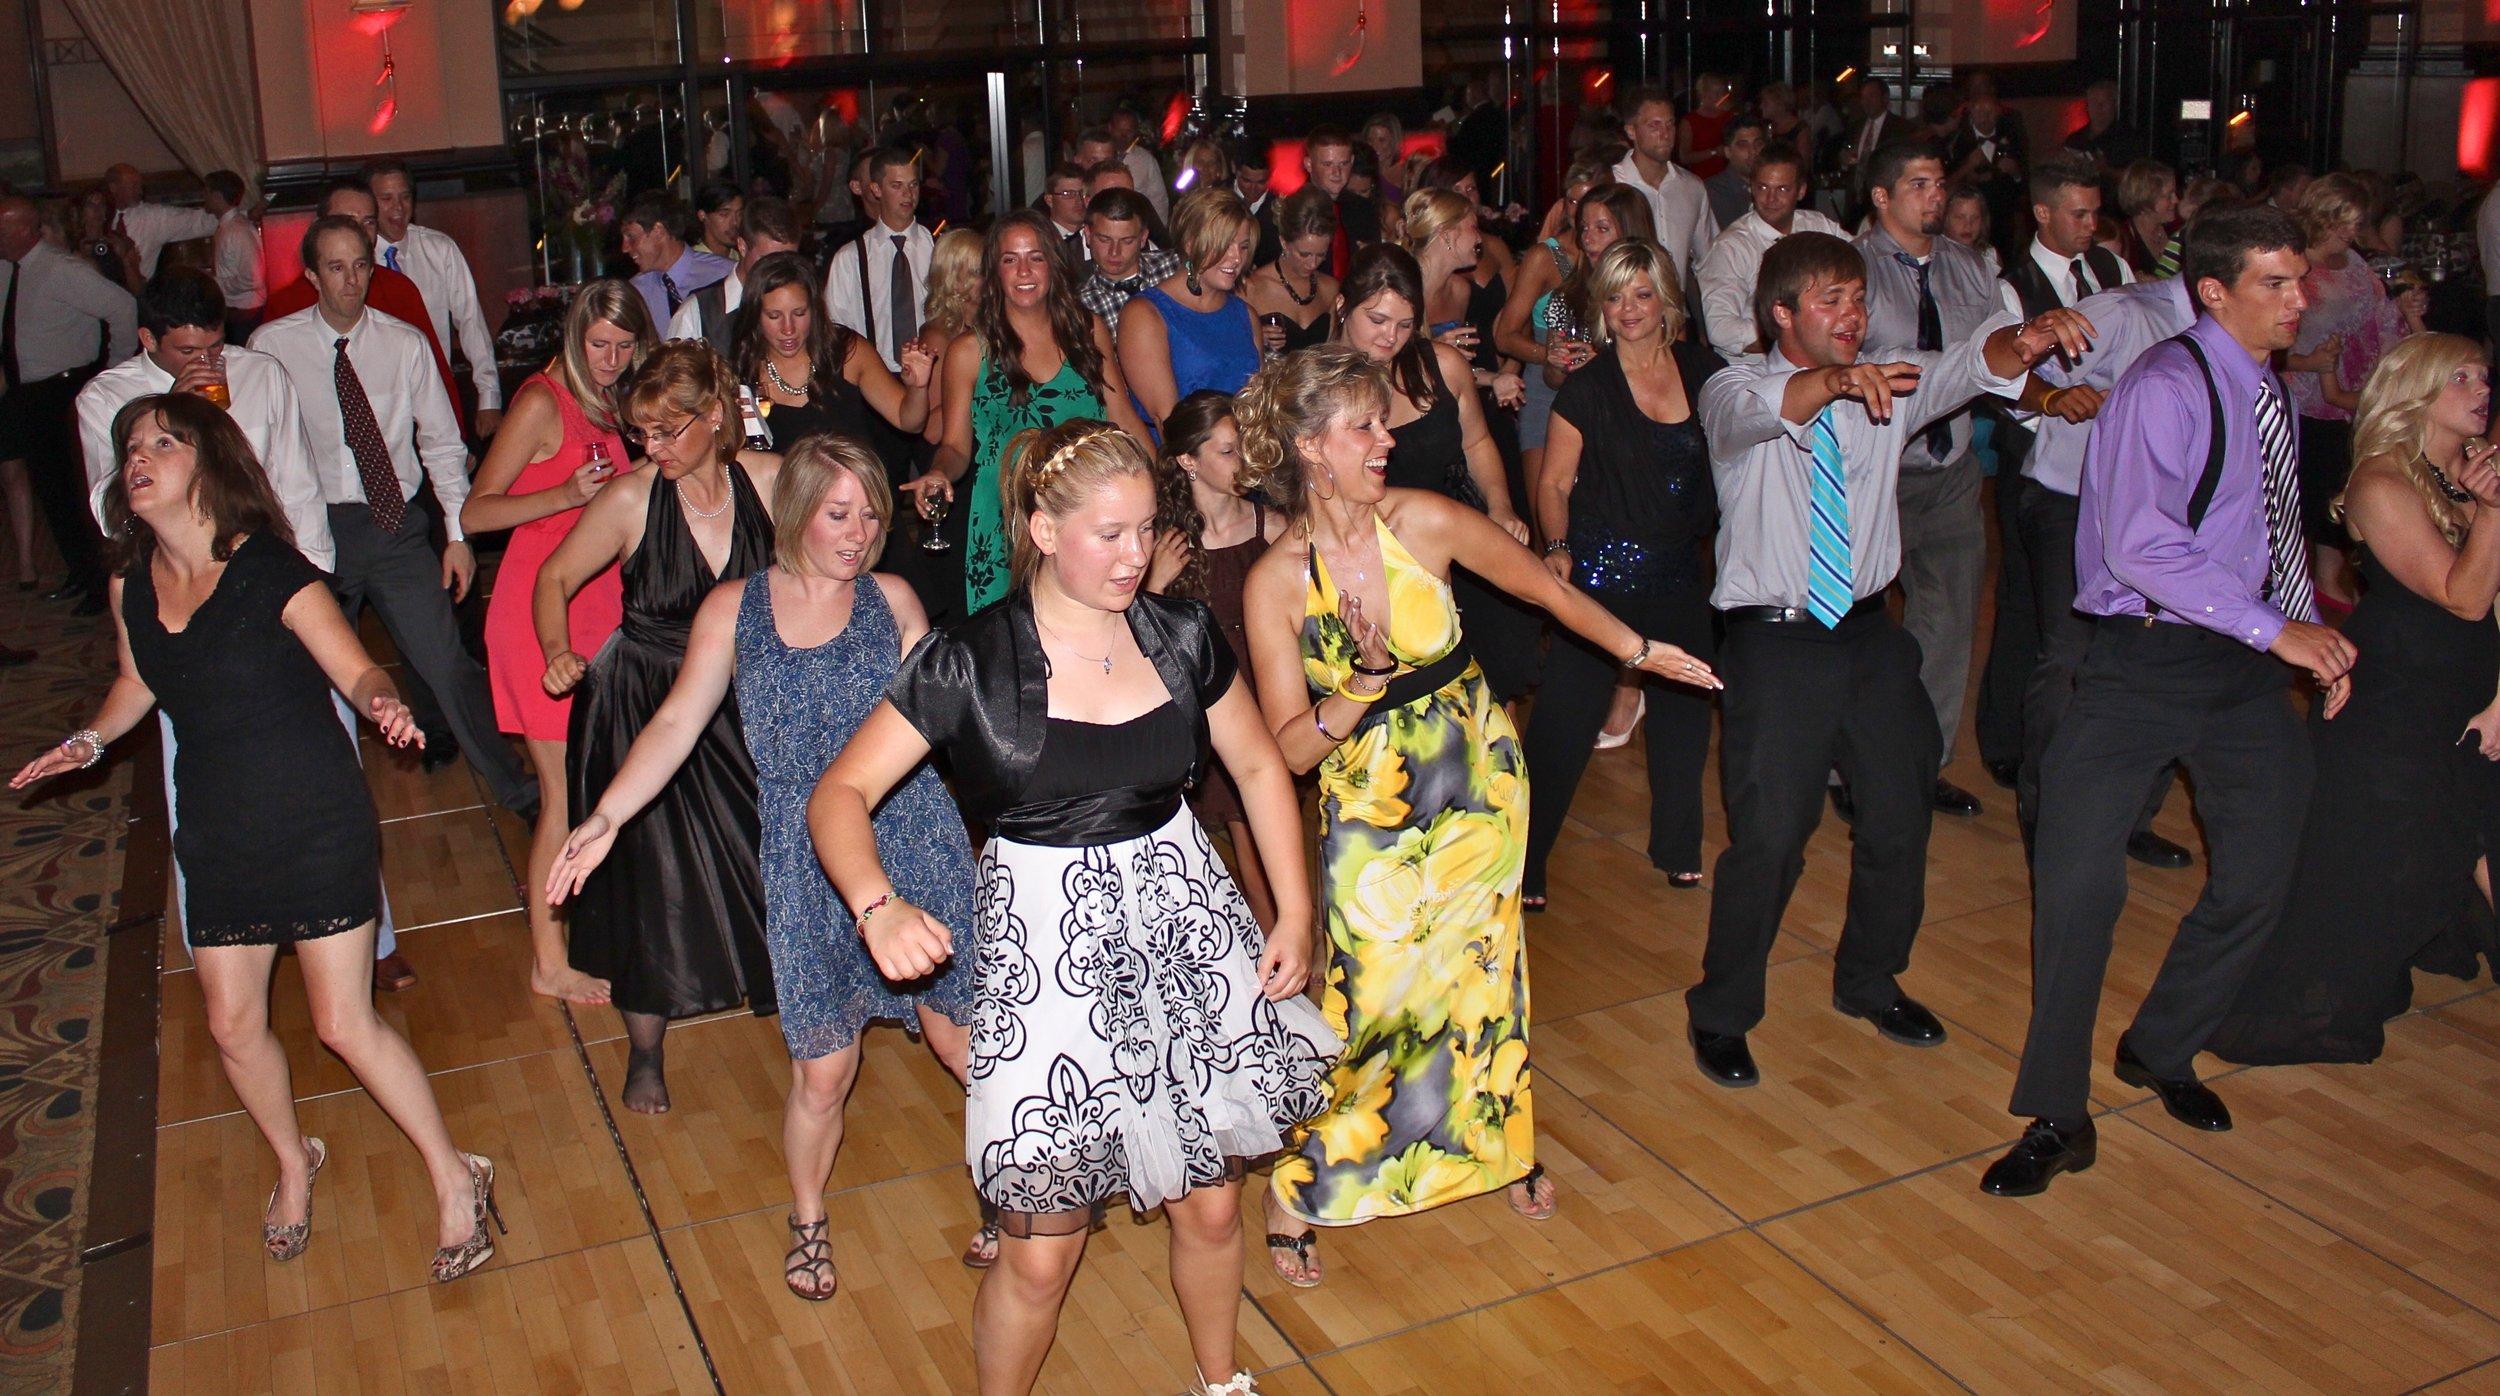 Fankhauser Dance Floor by DJ Jim Cerone